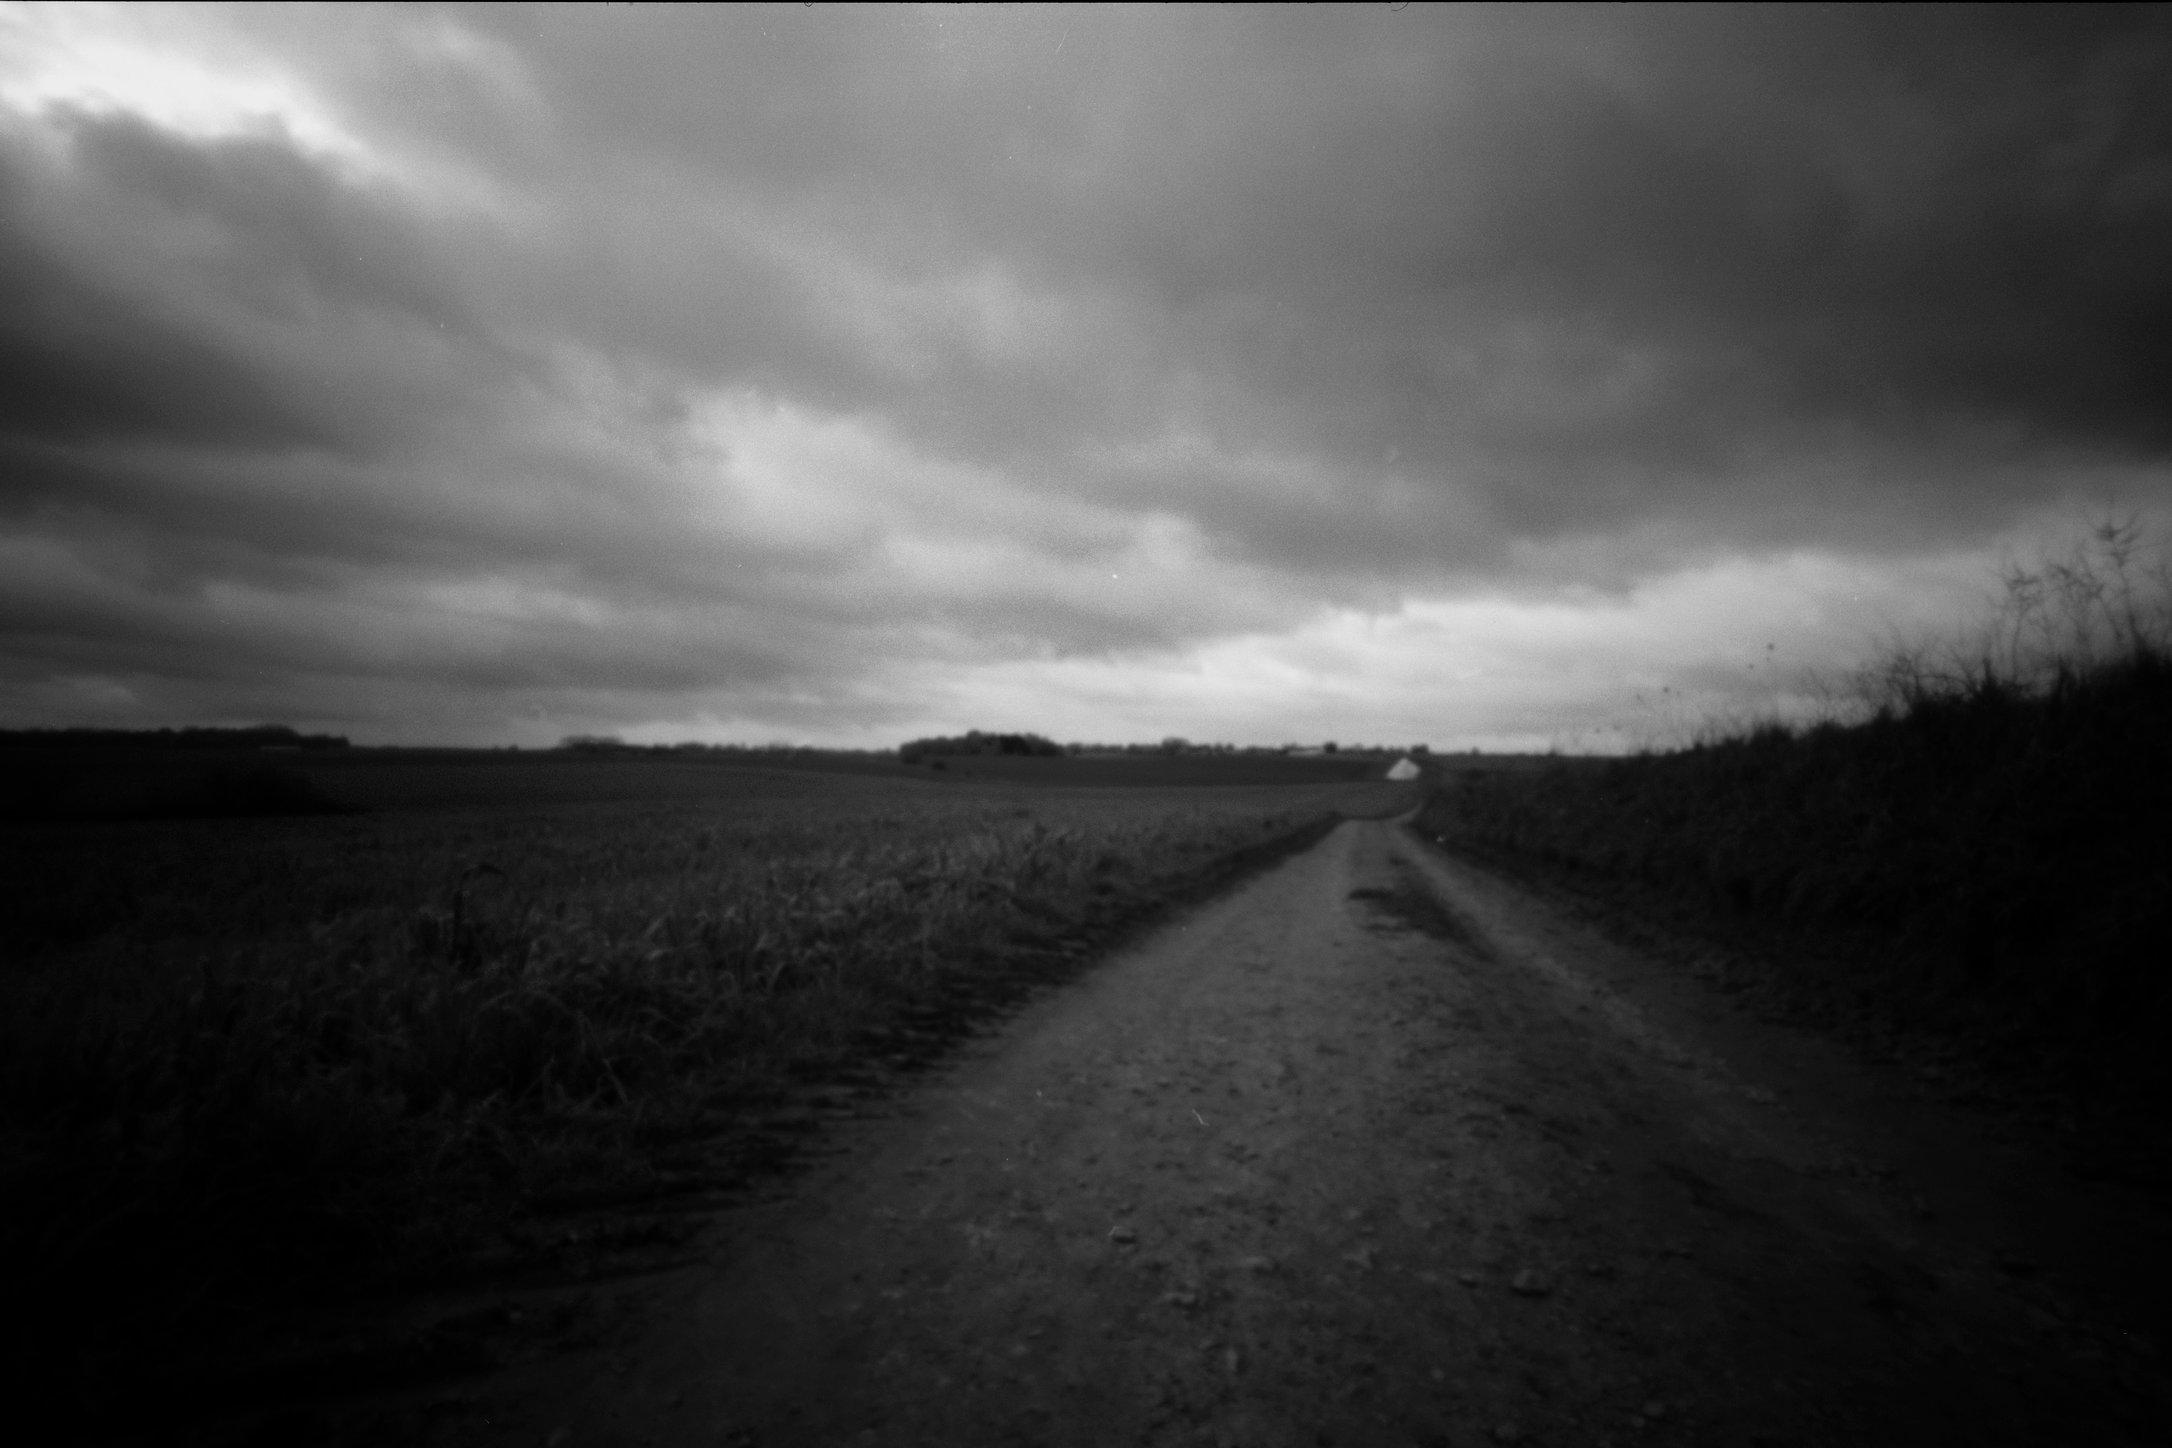 Valley between the lines